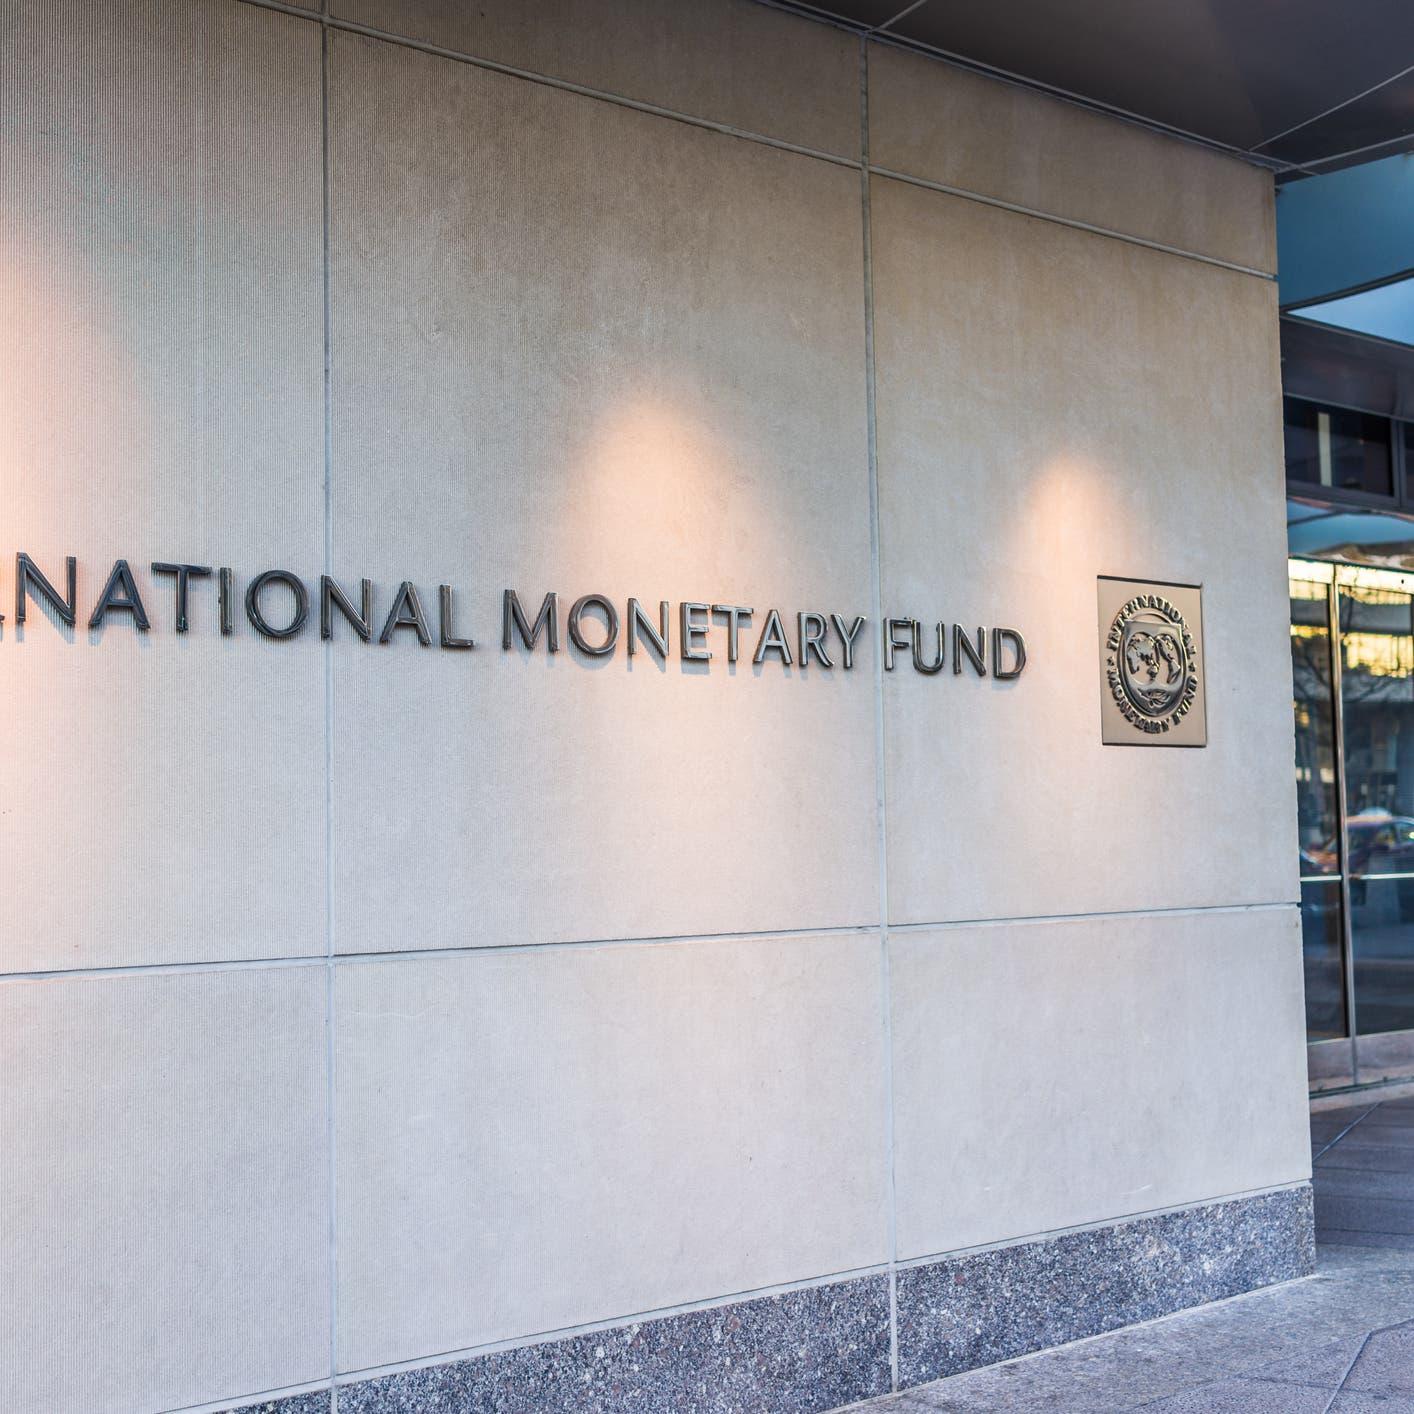 صندوق النقد: يجباستمرار الدعم المالي والنقدي للاقتصادات